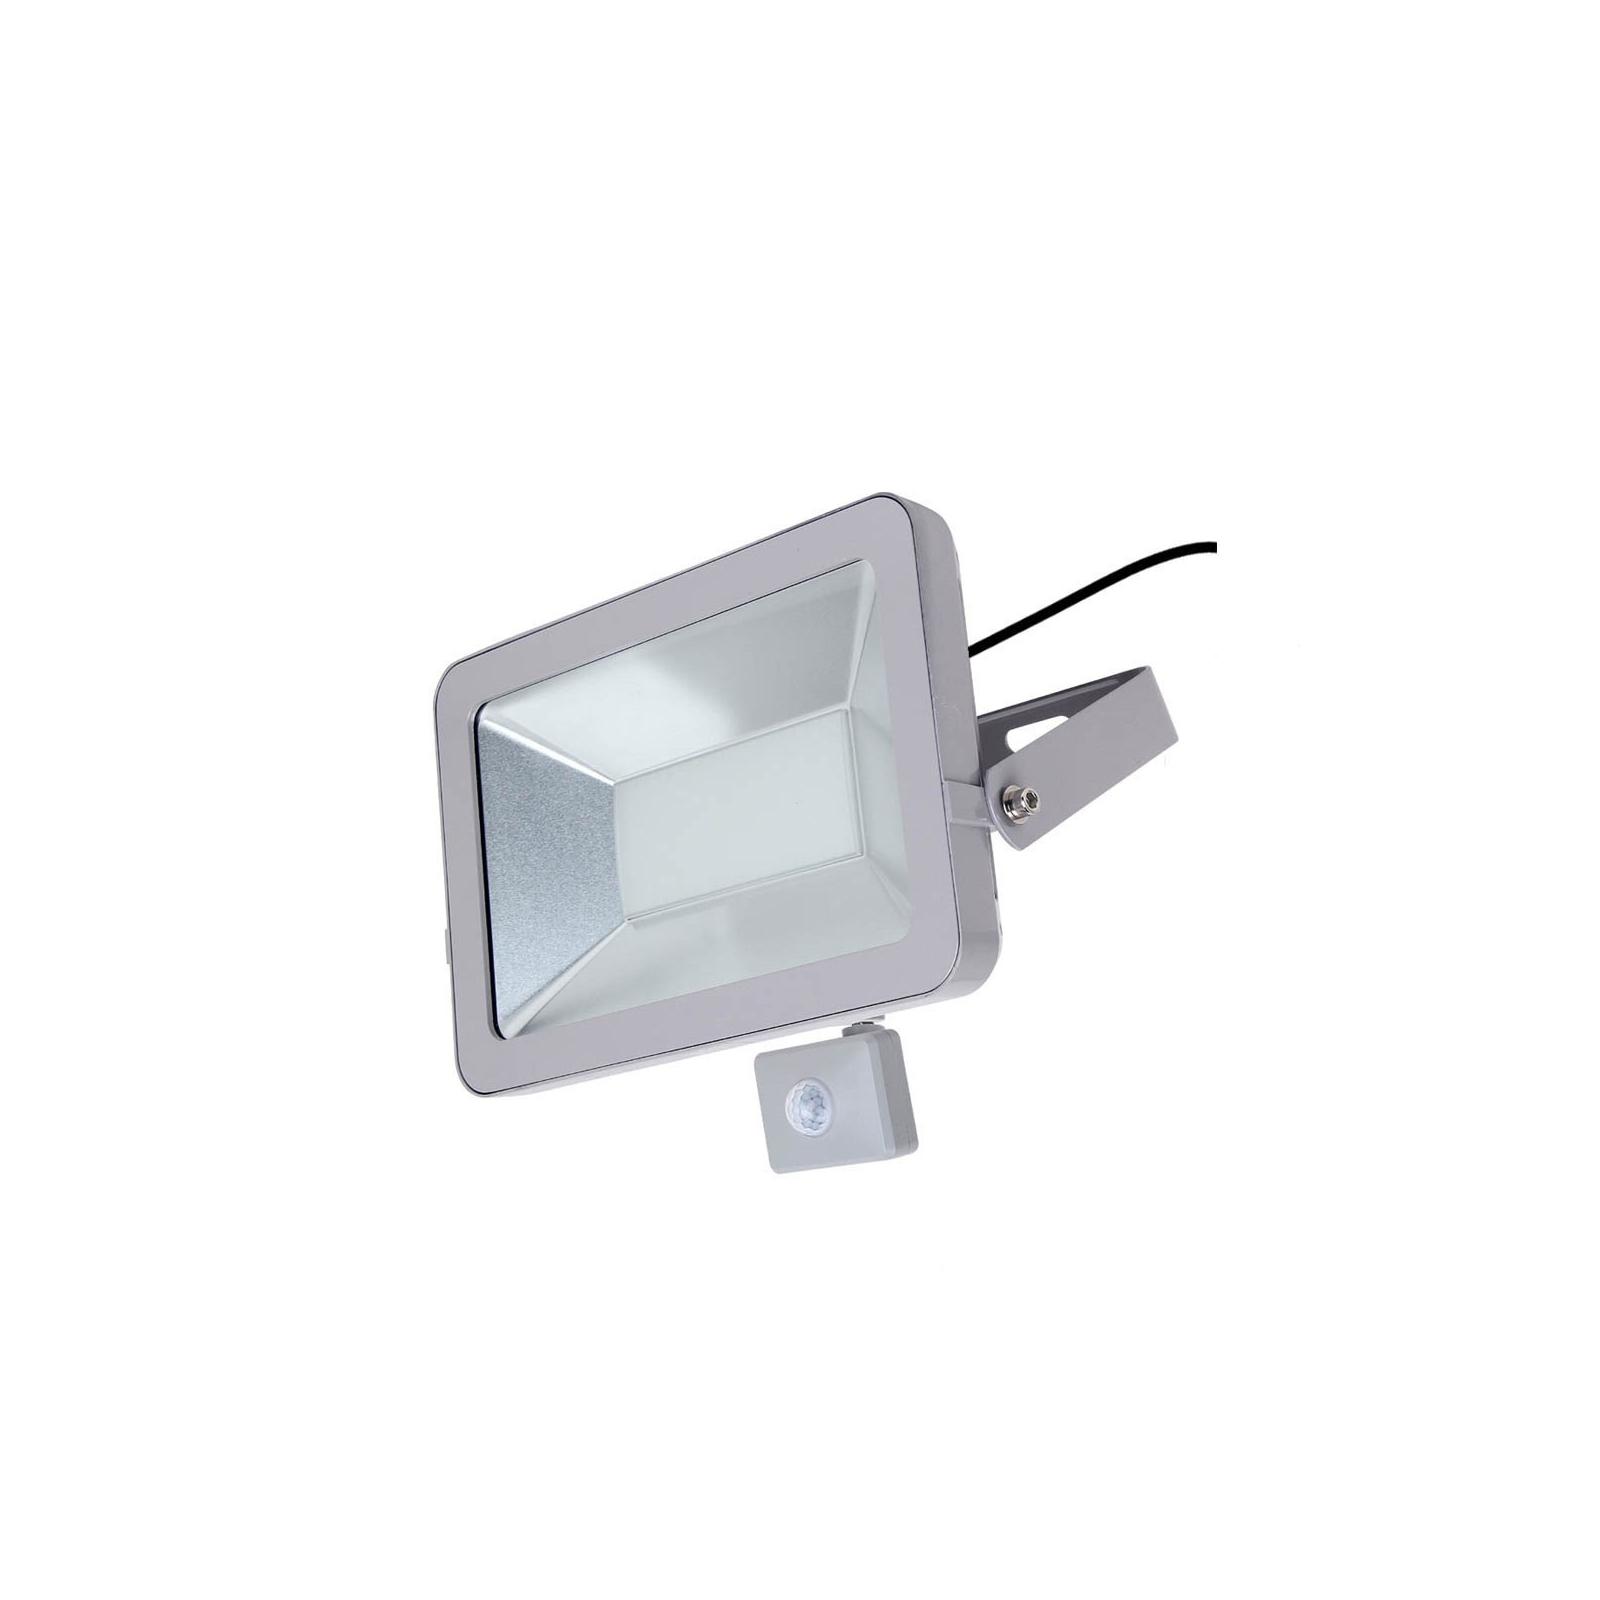 Projecteur LED 30W Classic Detecteur Mouvement 2700K